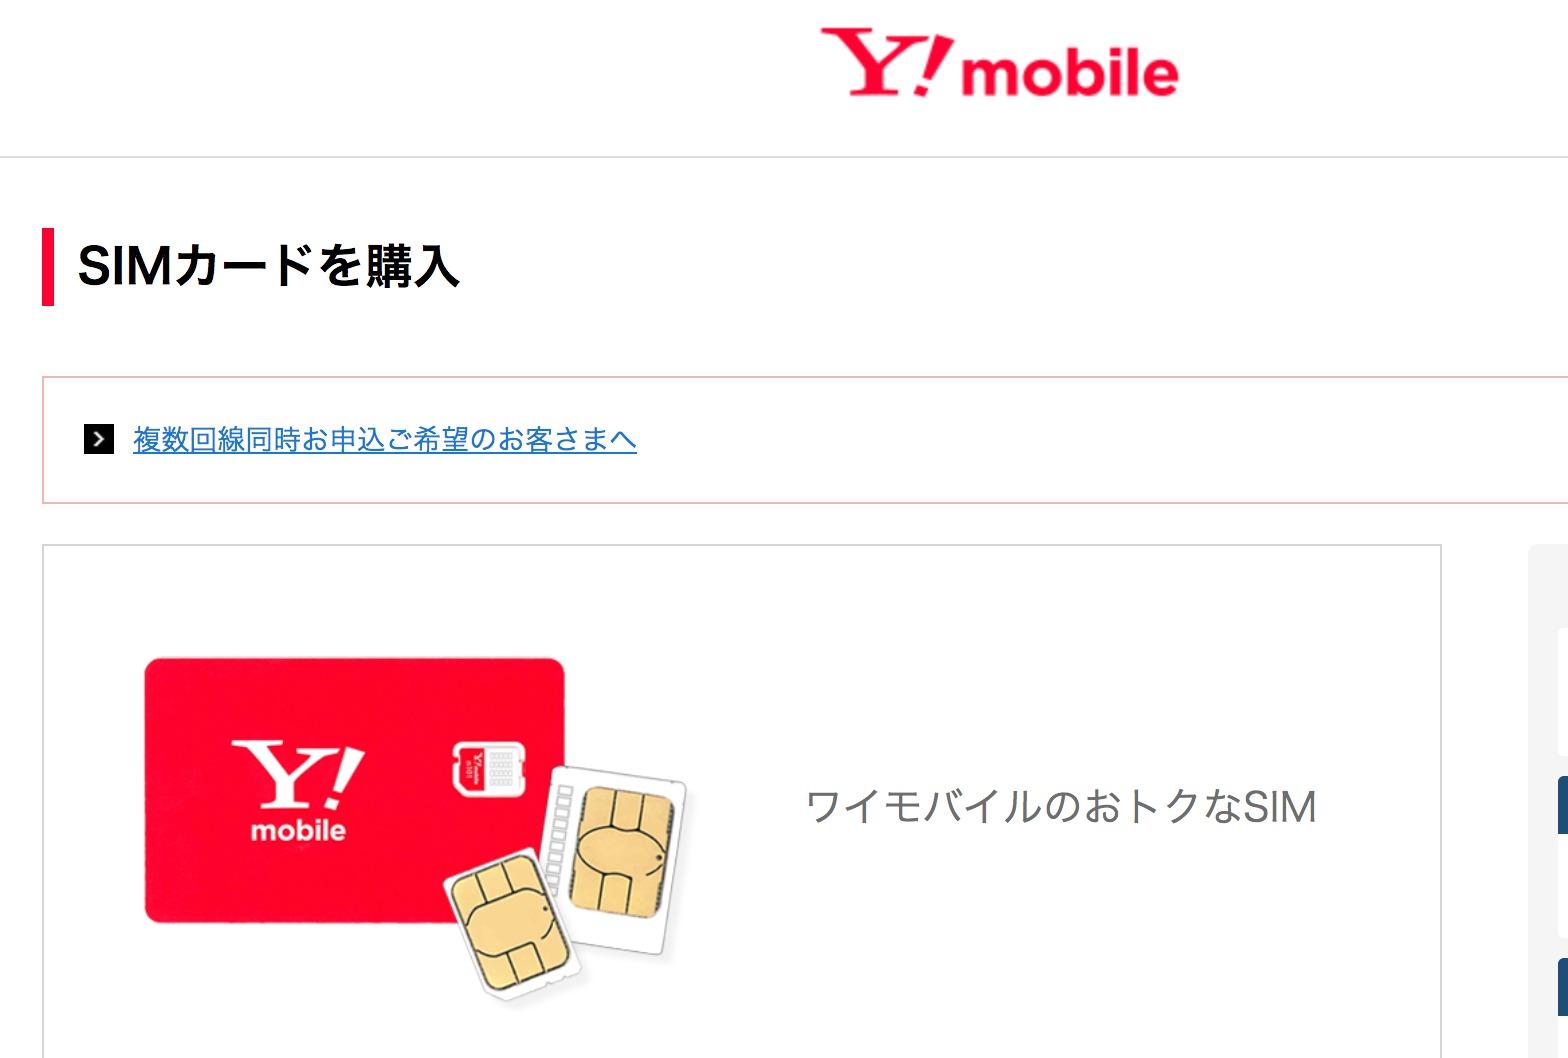 ワイモバイルオンラインでSIMカードのみ購入